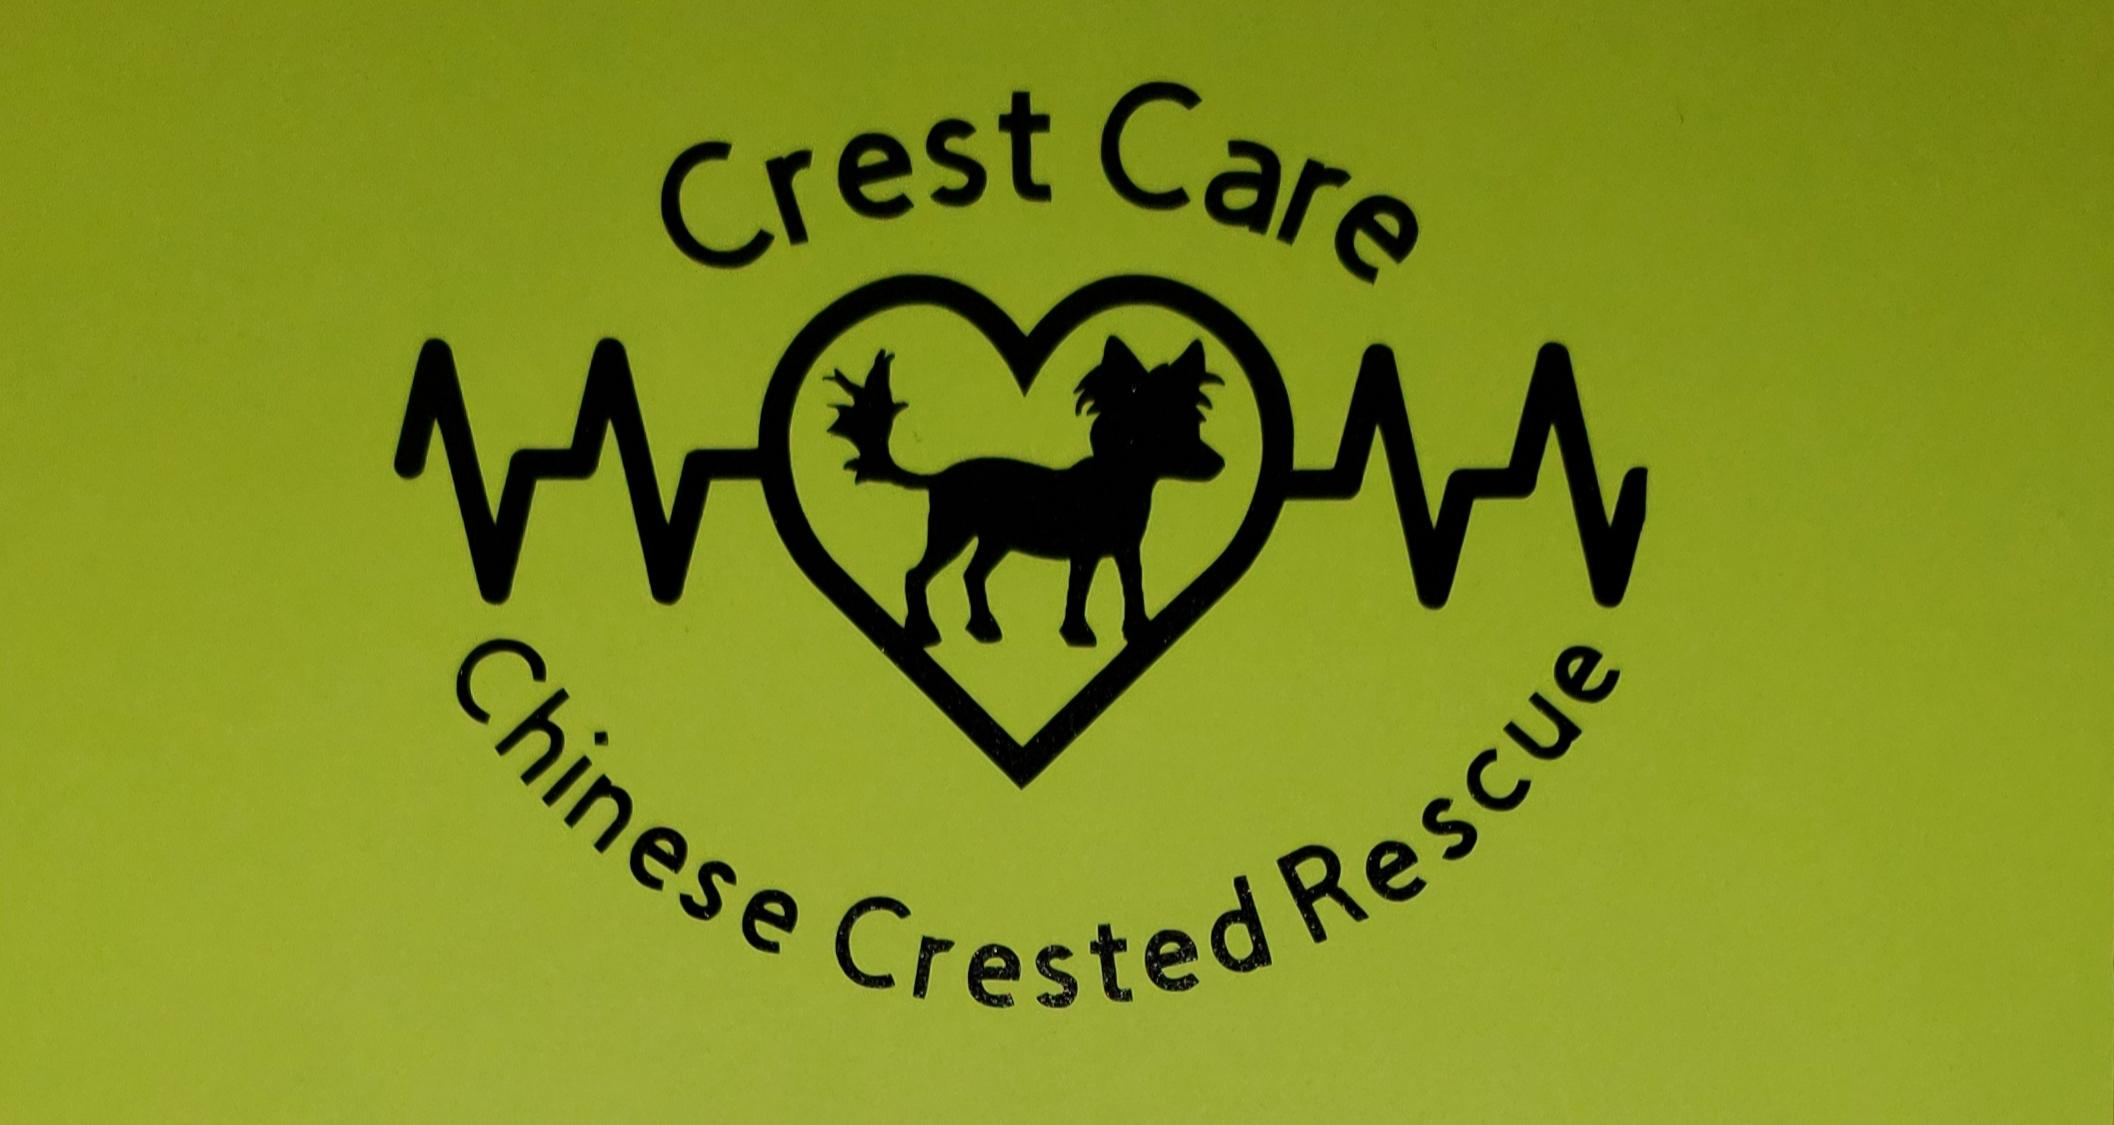 CC rescue